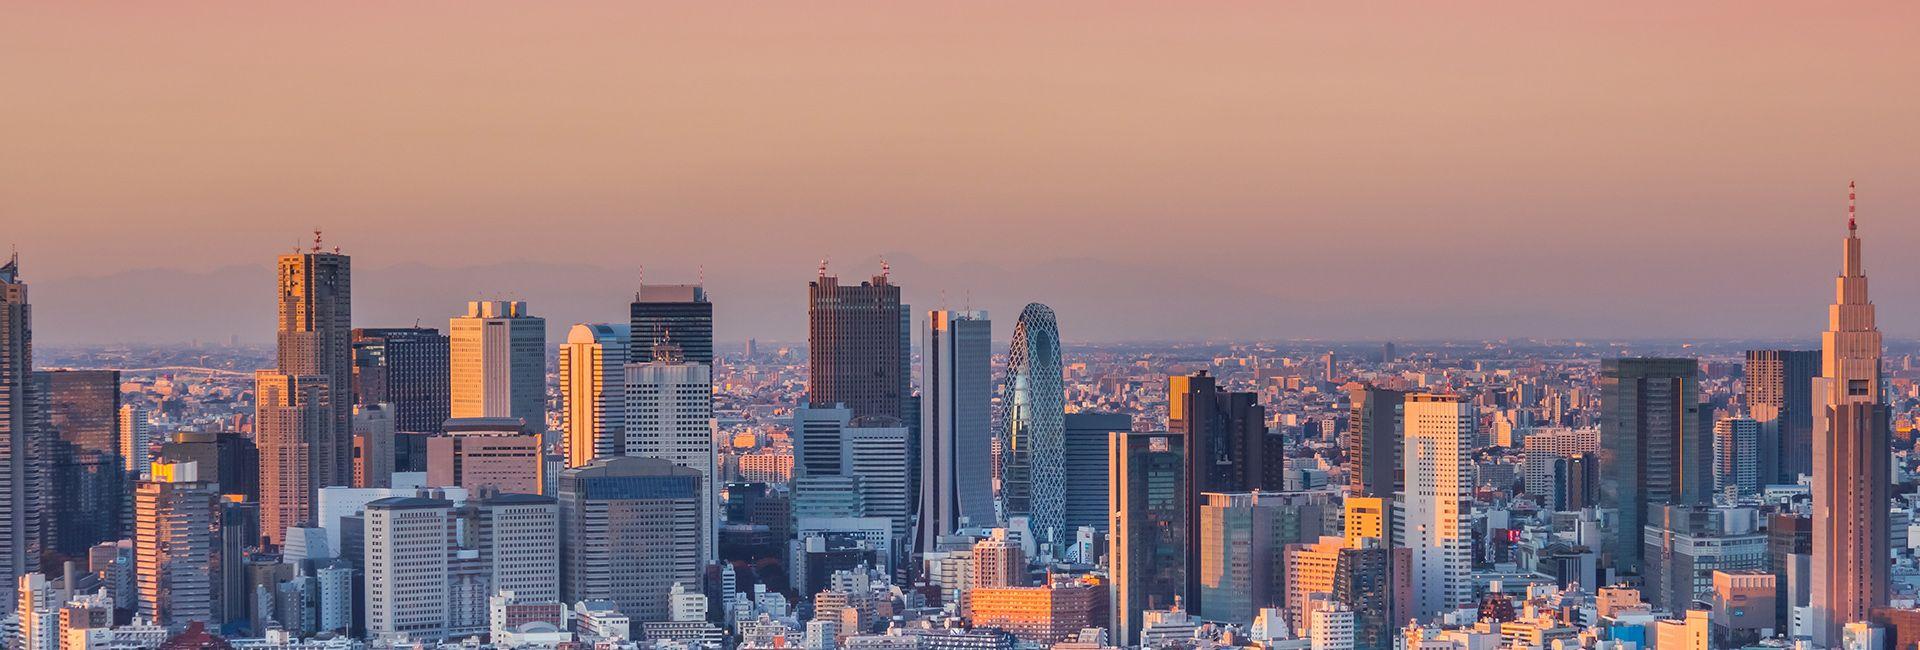 Top 10 địa điểm du lịch đáng xem nhất ở Shinagawa, Tokyo